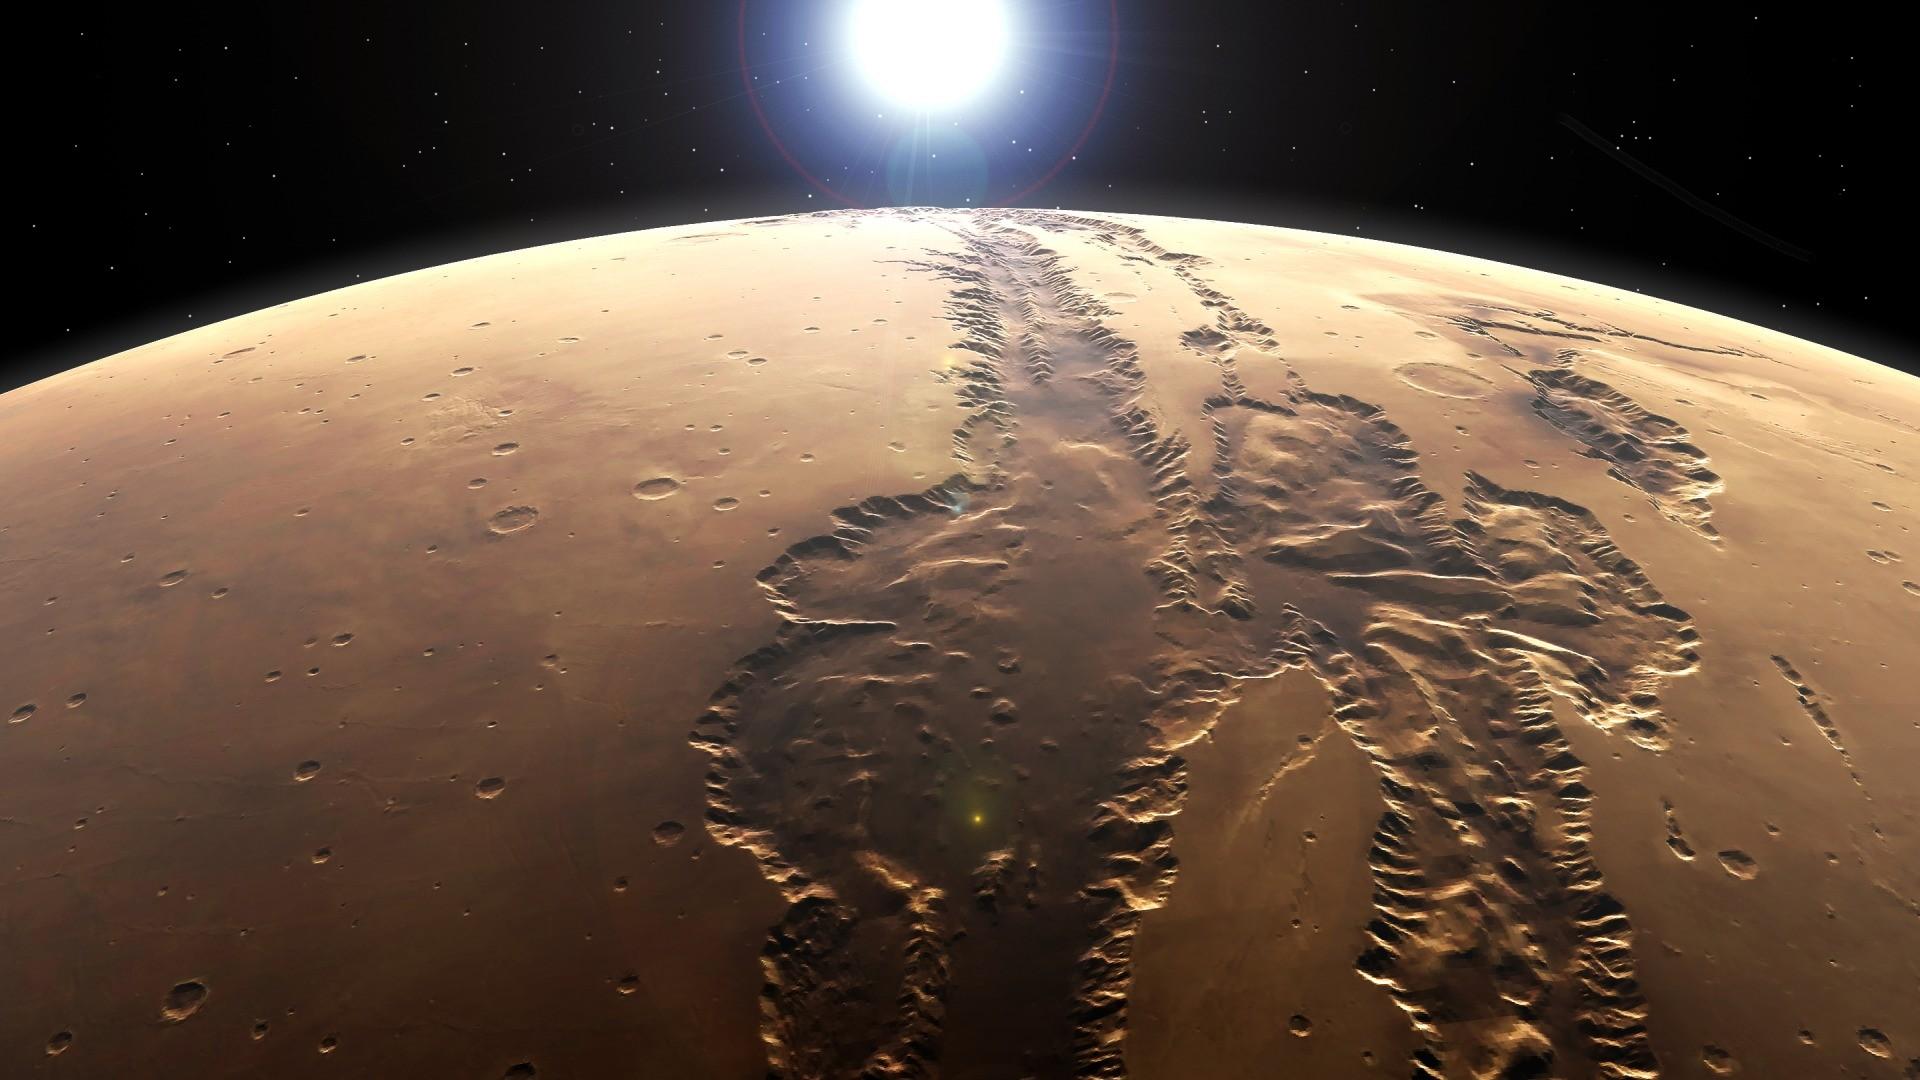 nasa mars images - HD1920×1080